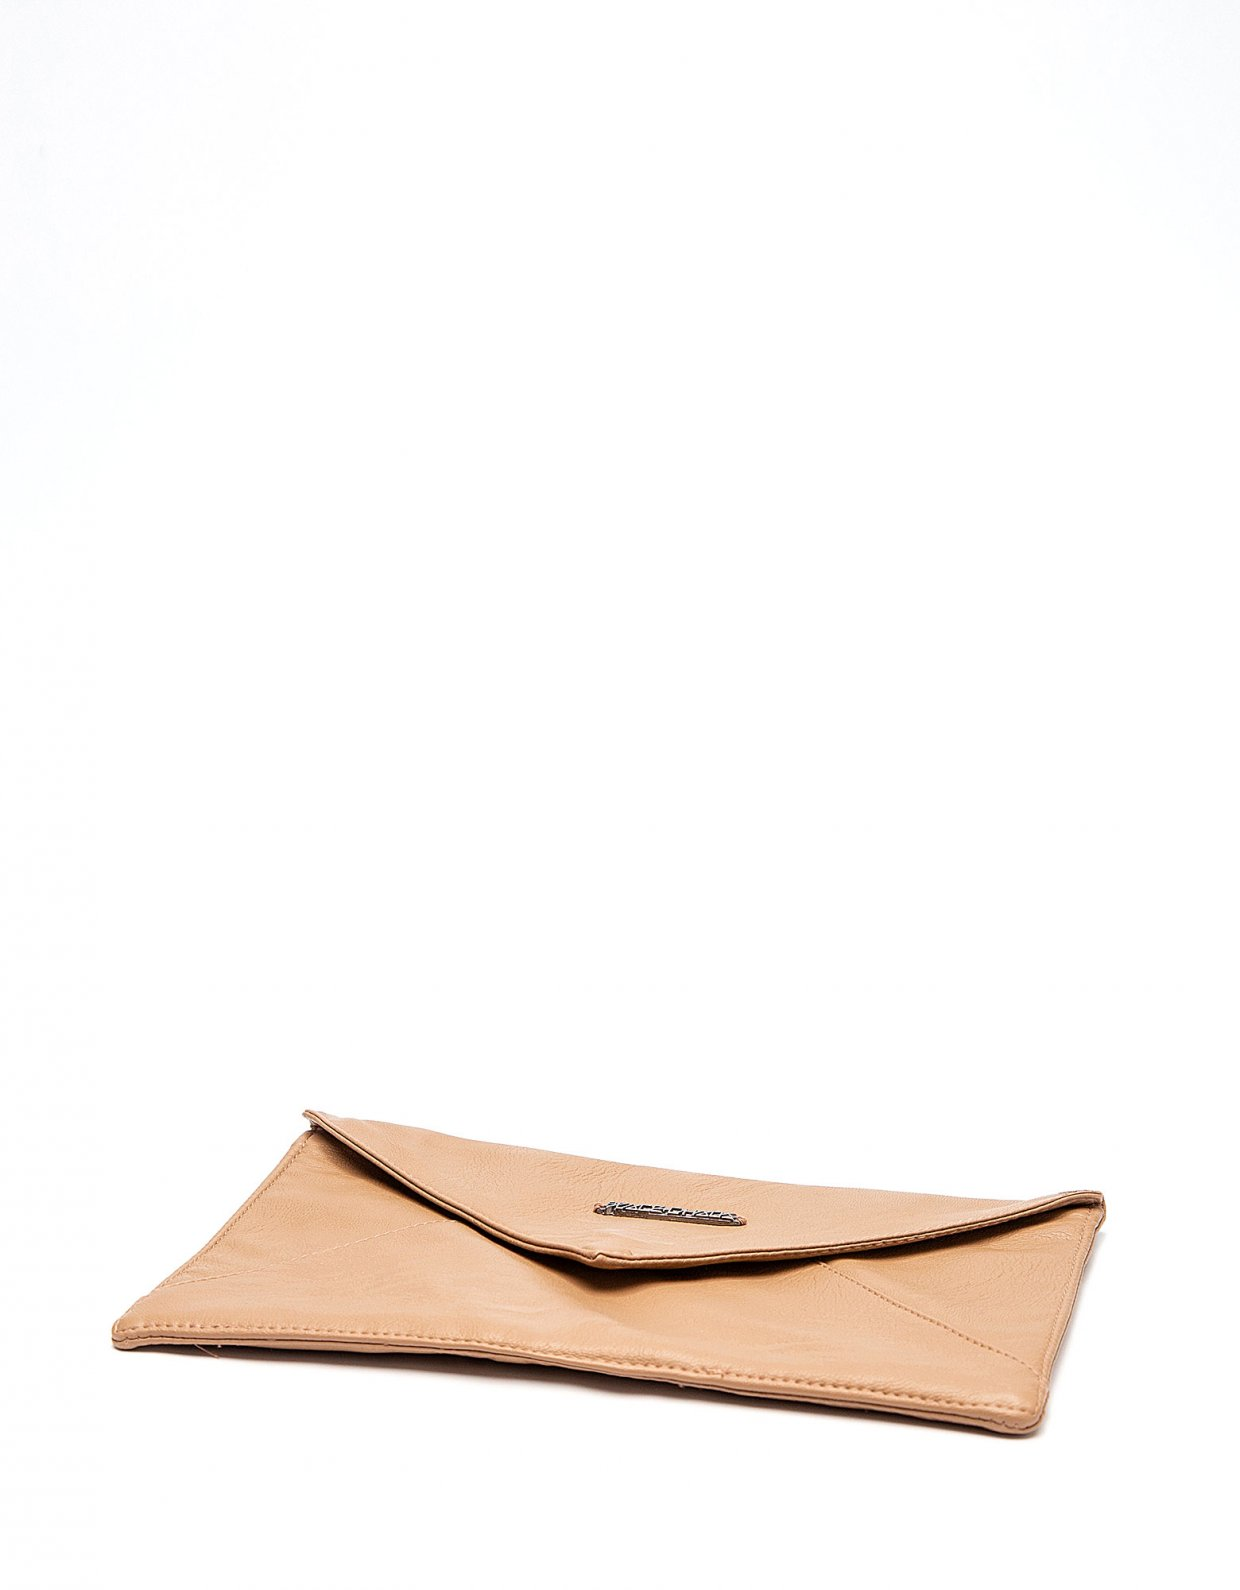 Peace & Chaos Envelope clutch bag beige